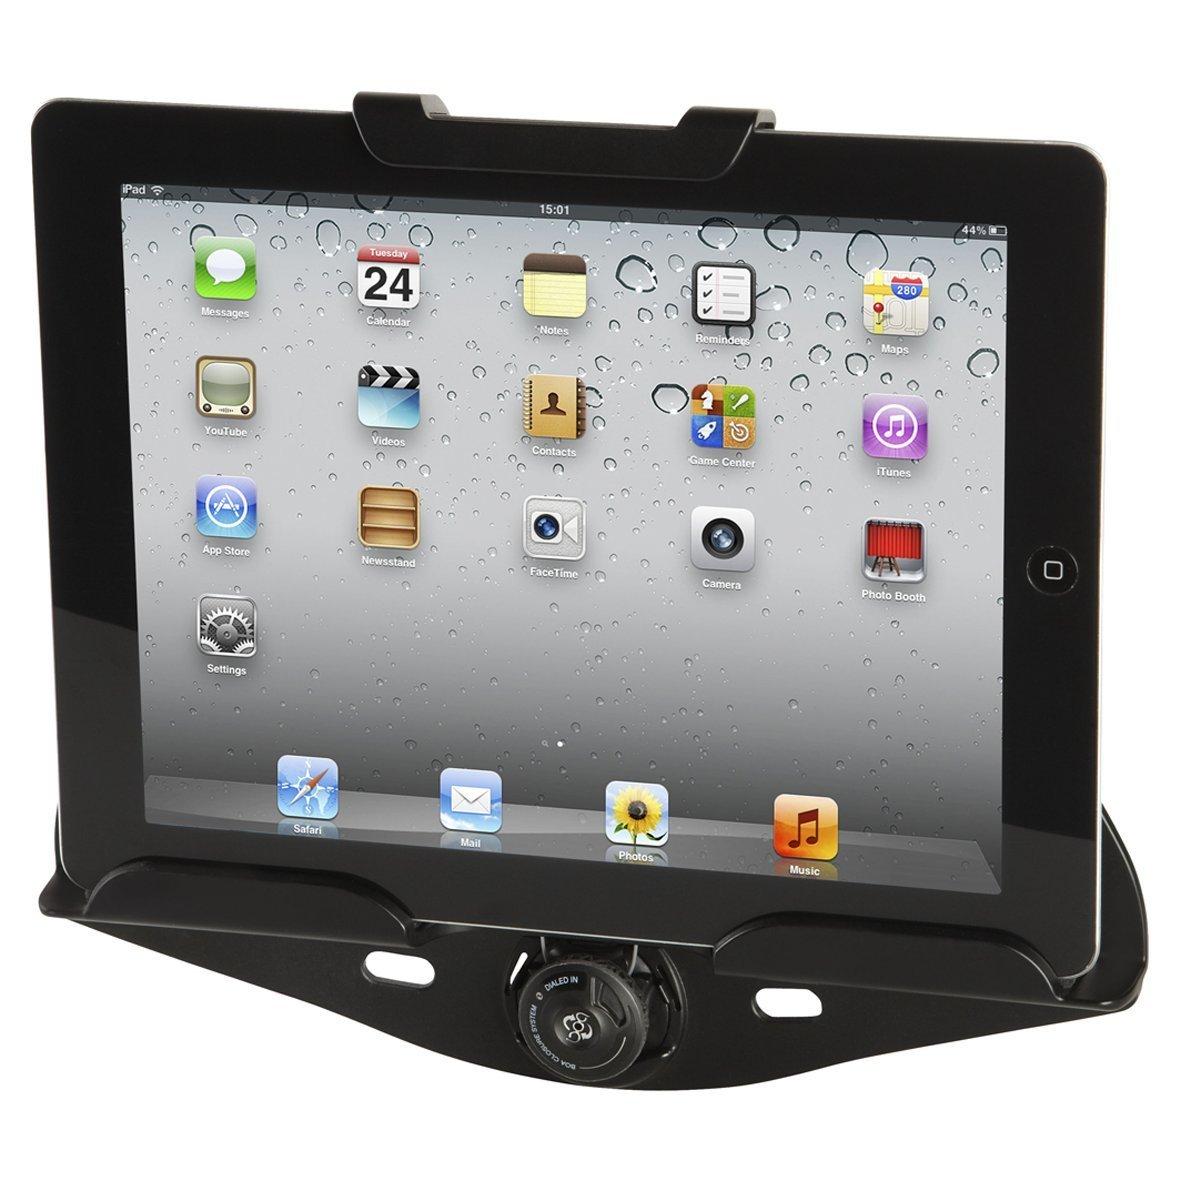 Soporte tablet coche de la marca Targus - Recambiosparaelcoche.com